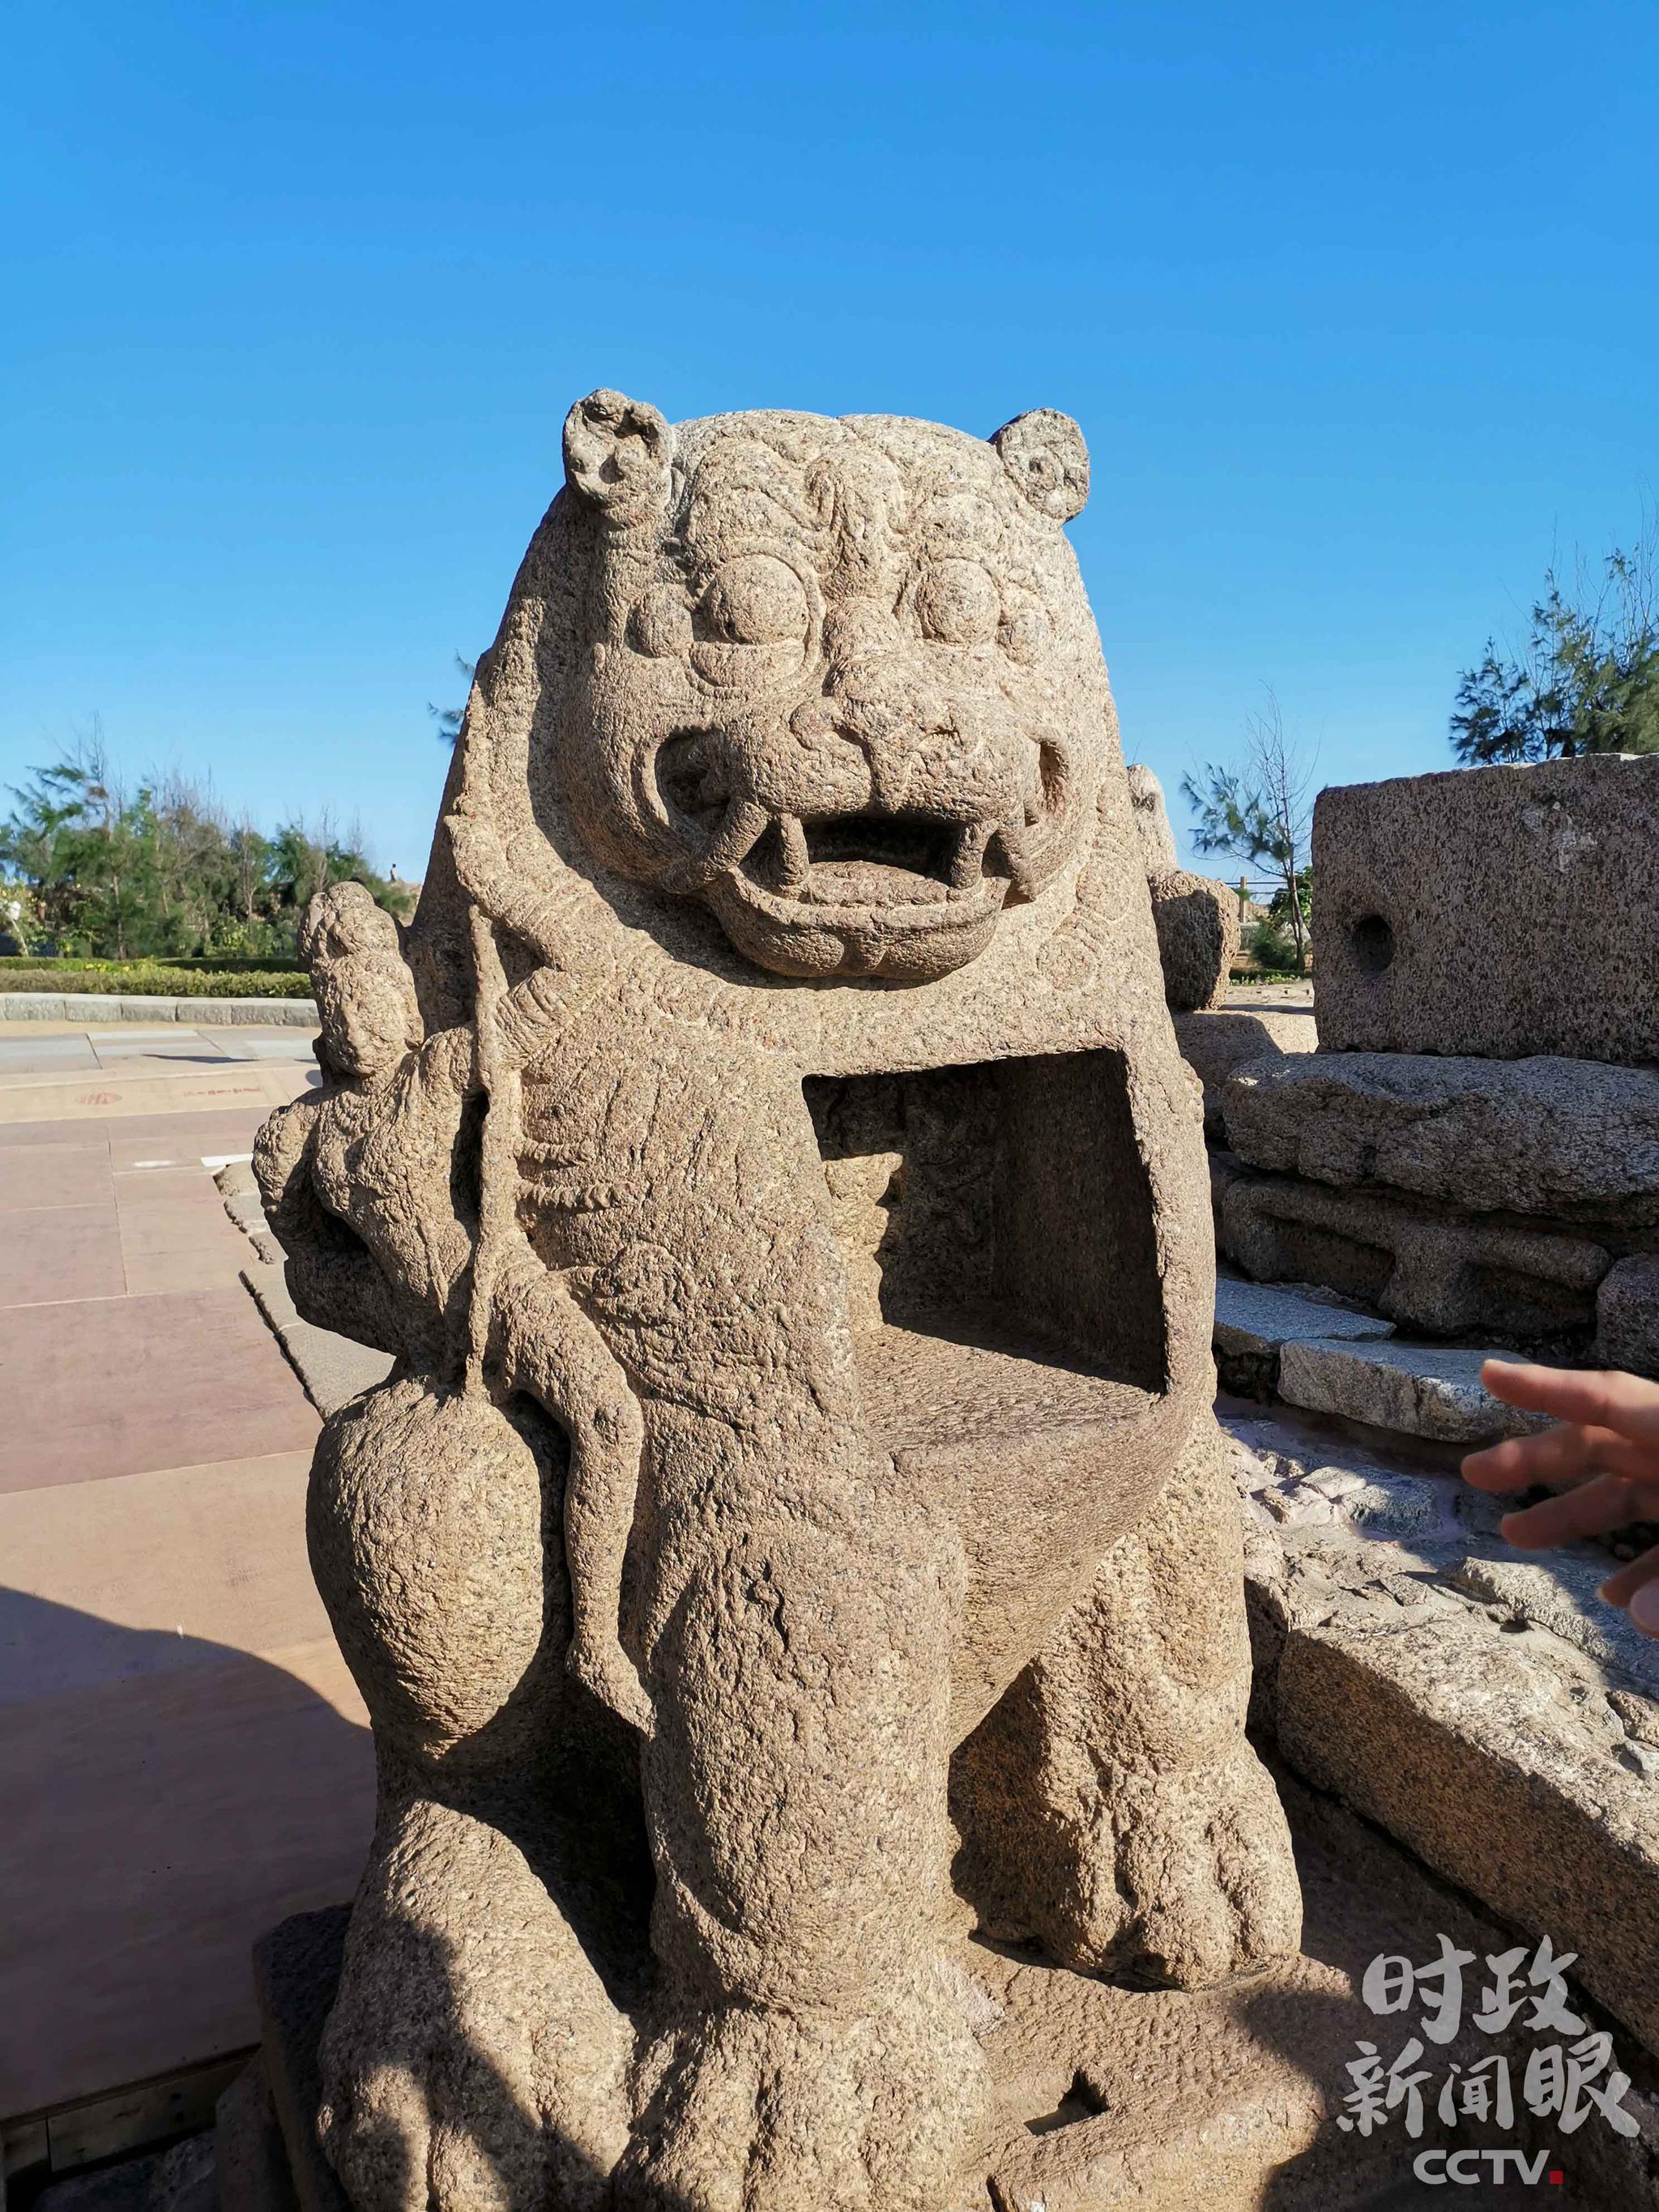 △海岸神庙也有一座石狮子,笑容可掬,似乎正在和人逗趣。(央视记者杨立峰拍摄)